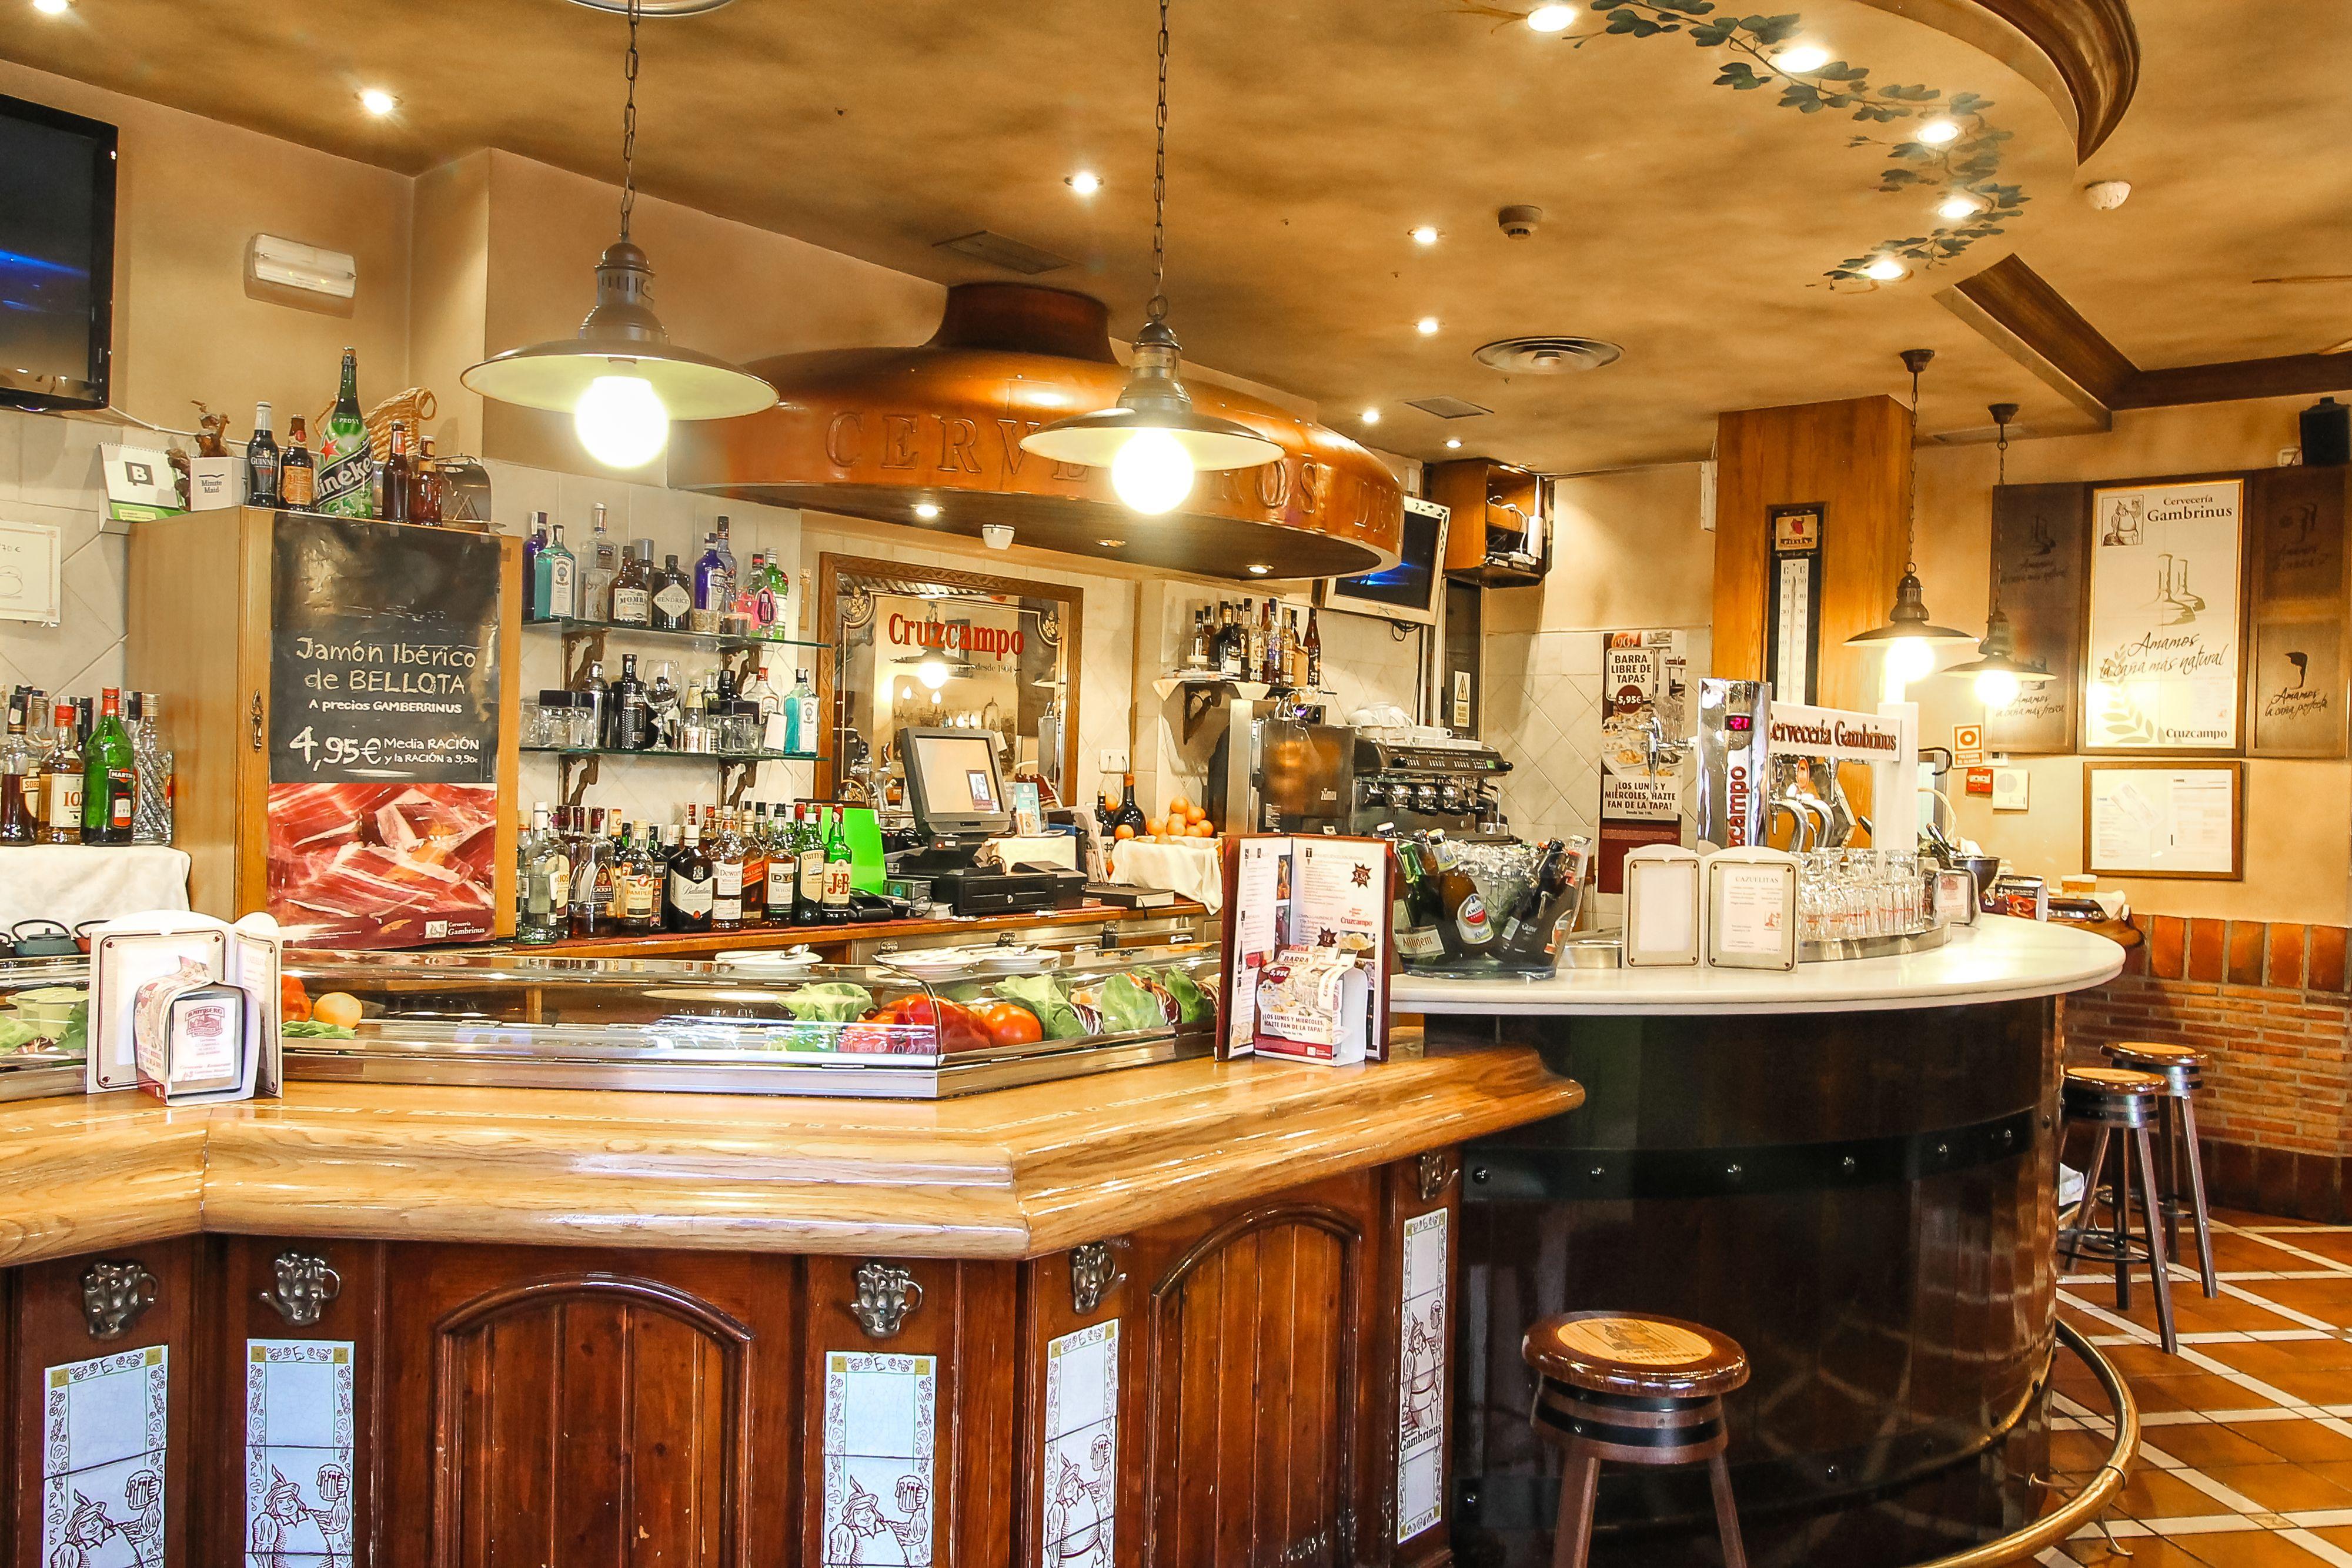 Picture 3 of Cocina tradicional in Madrid | Cervecería Restaurante Gambrinus Mirasierra